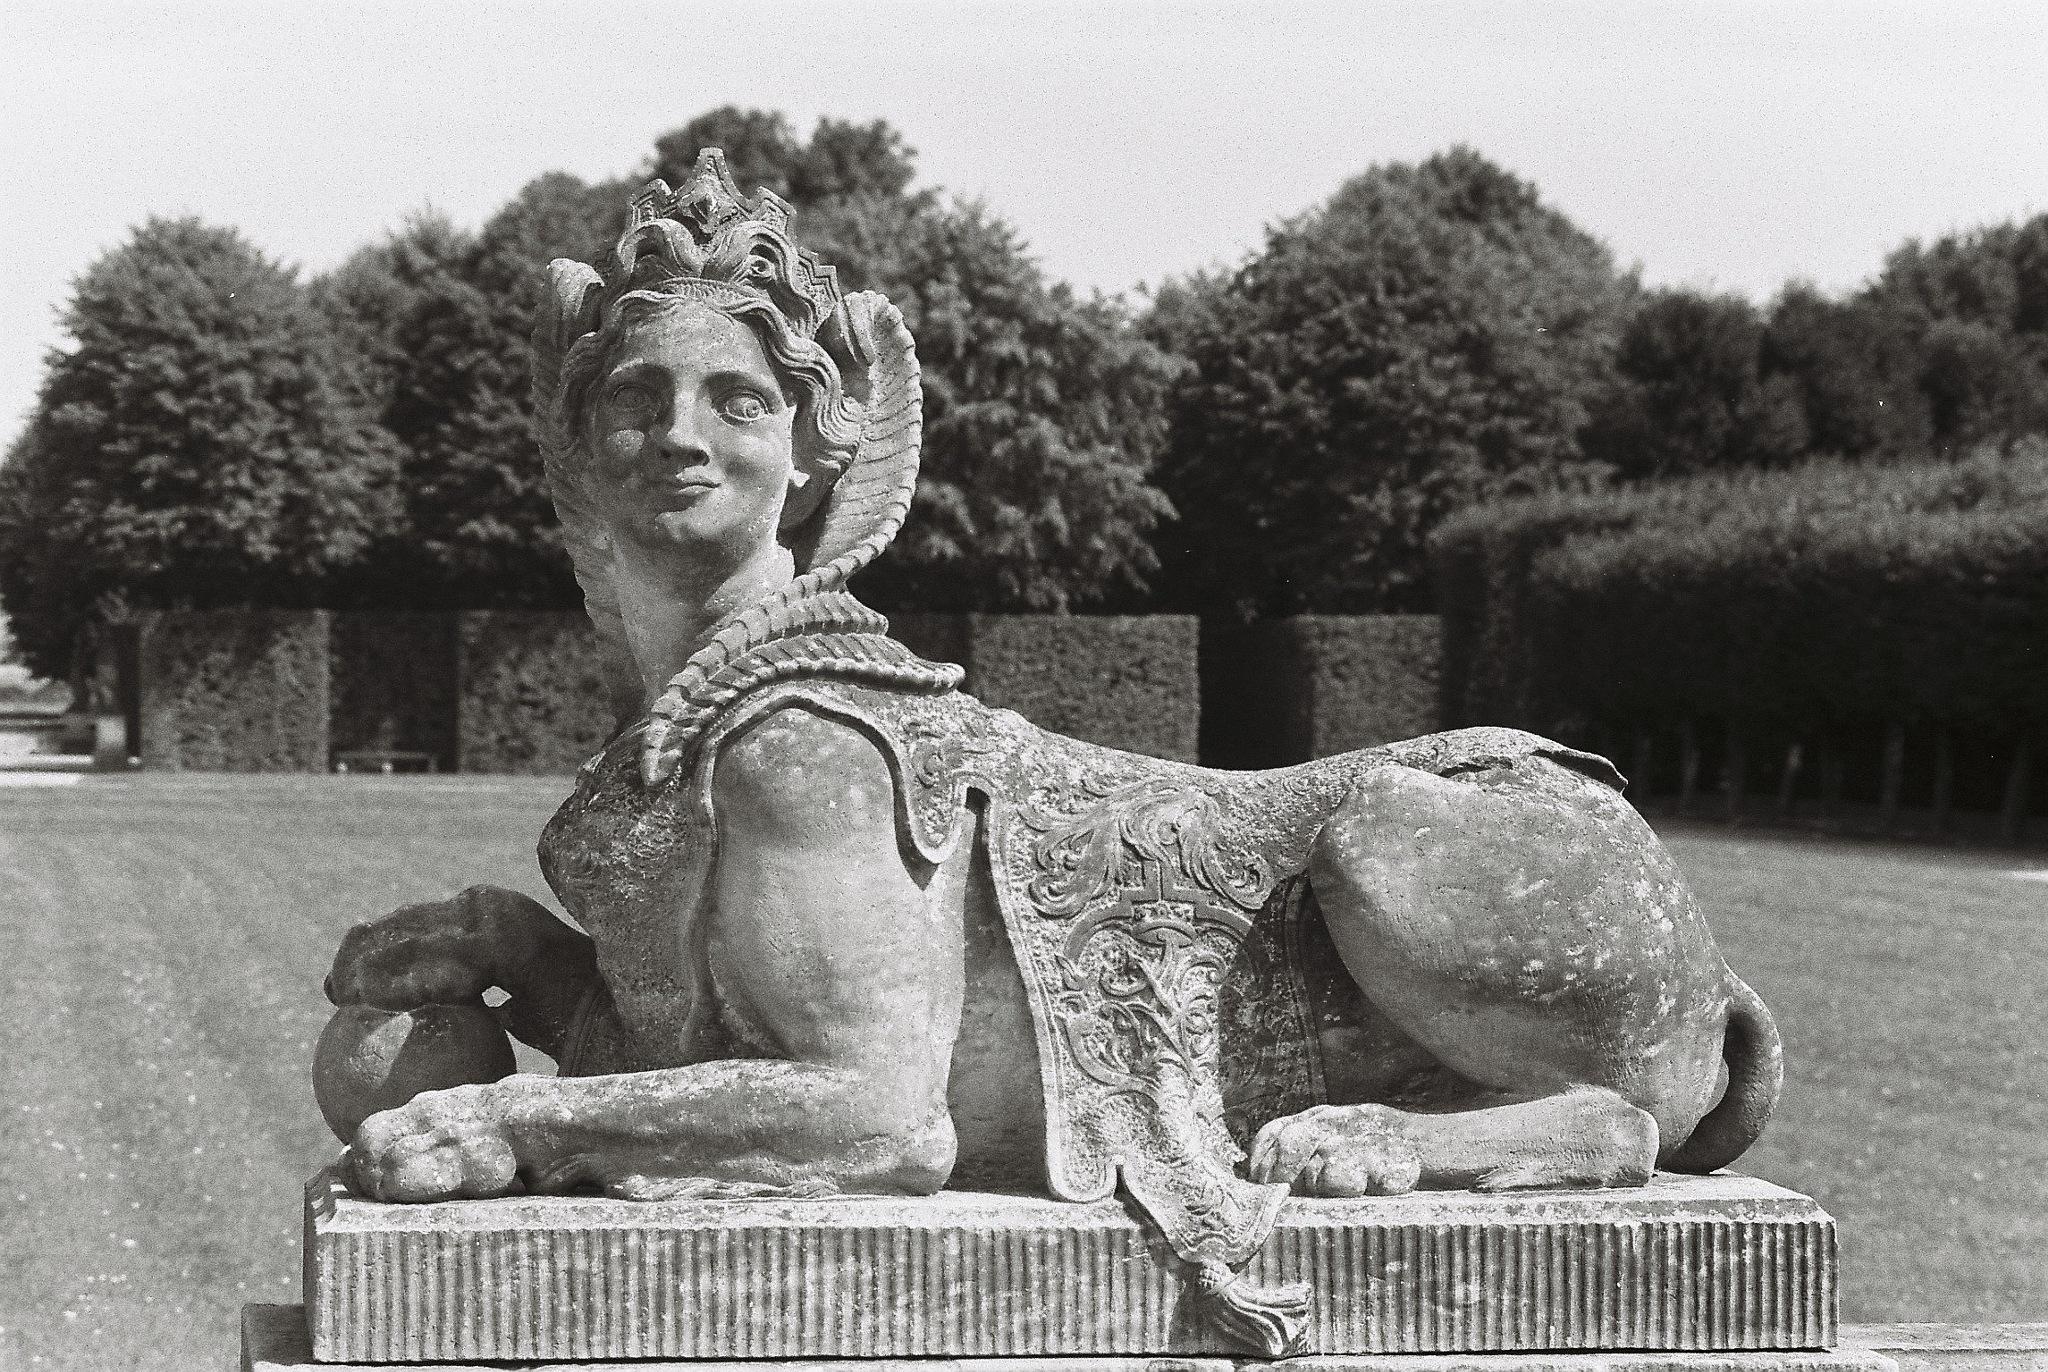 Sculpture by henryvonda